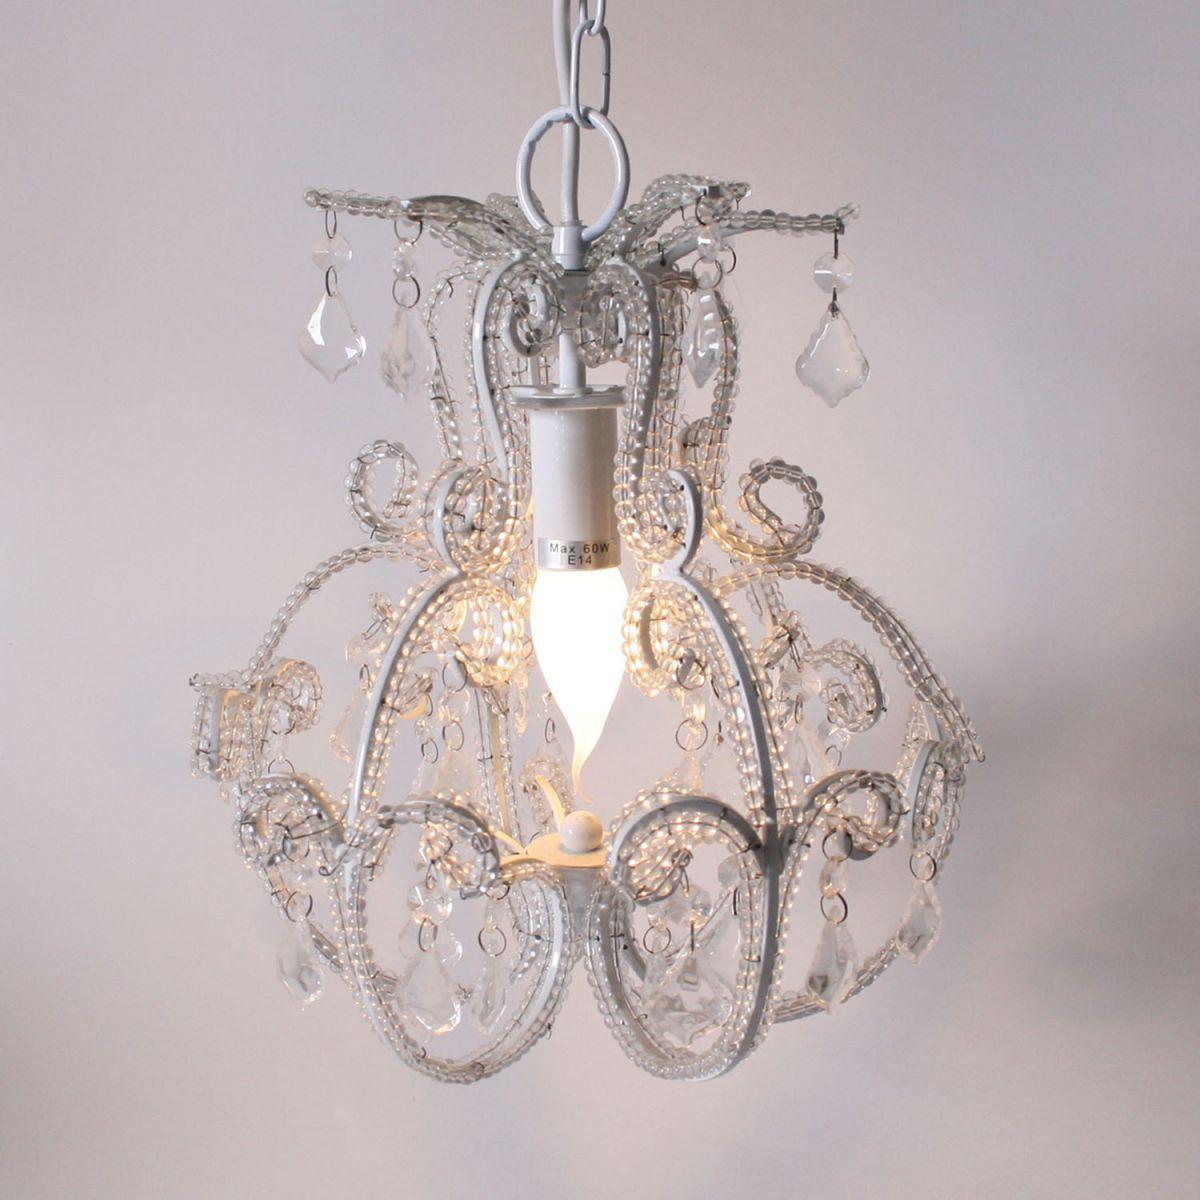 chandelier parisienne dia 28